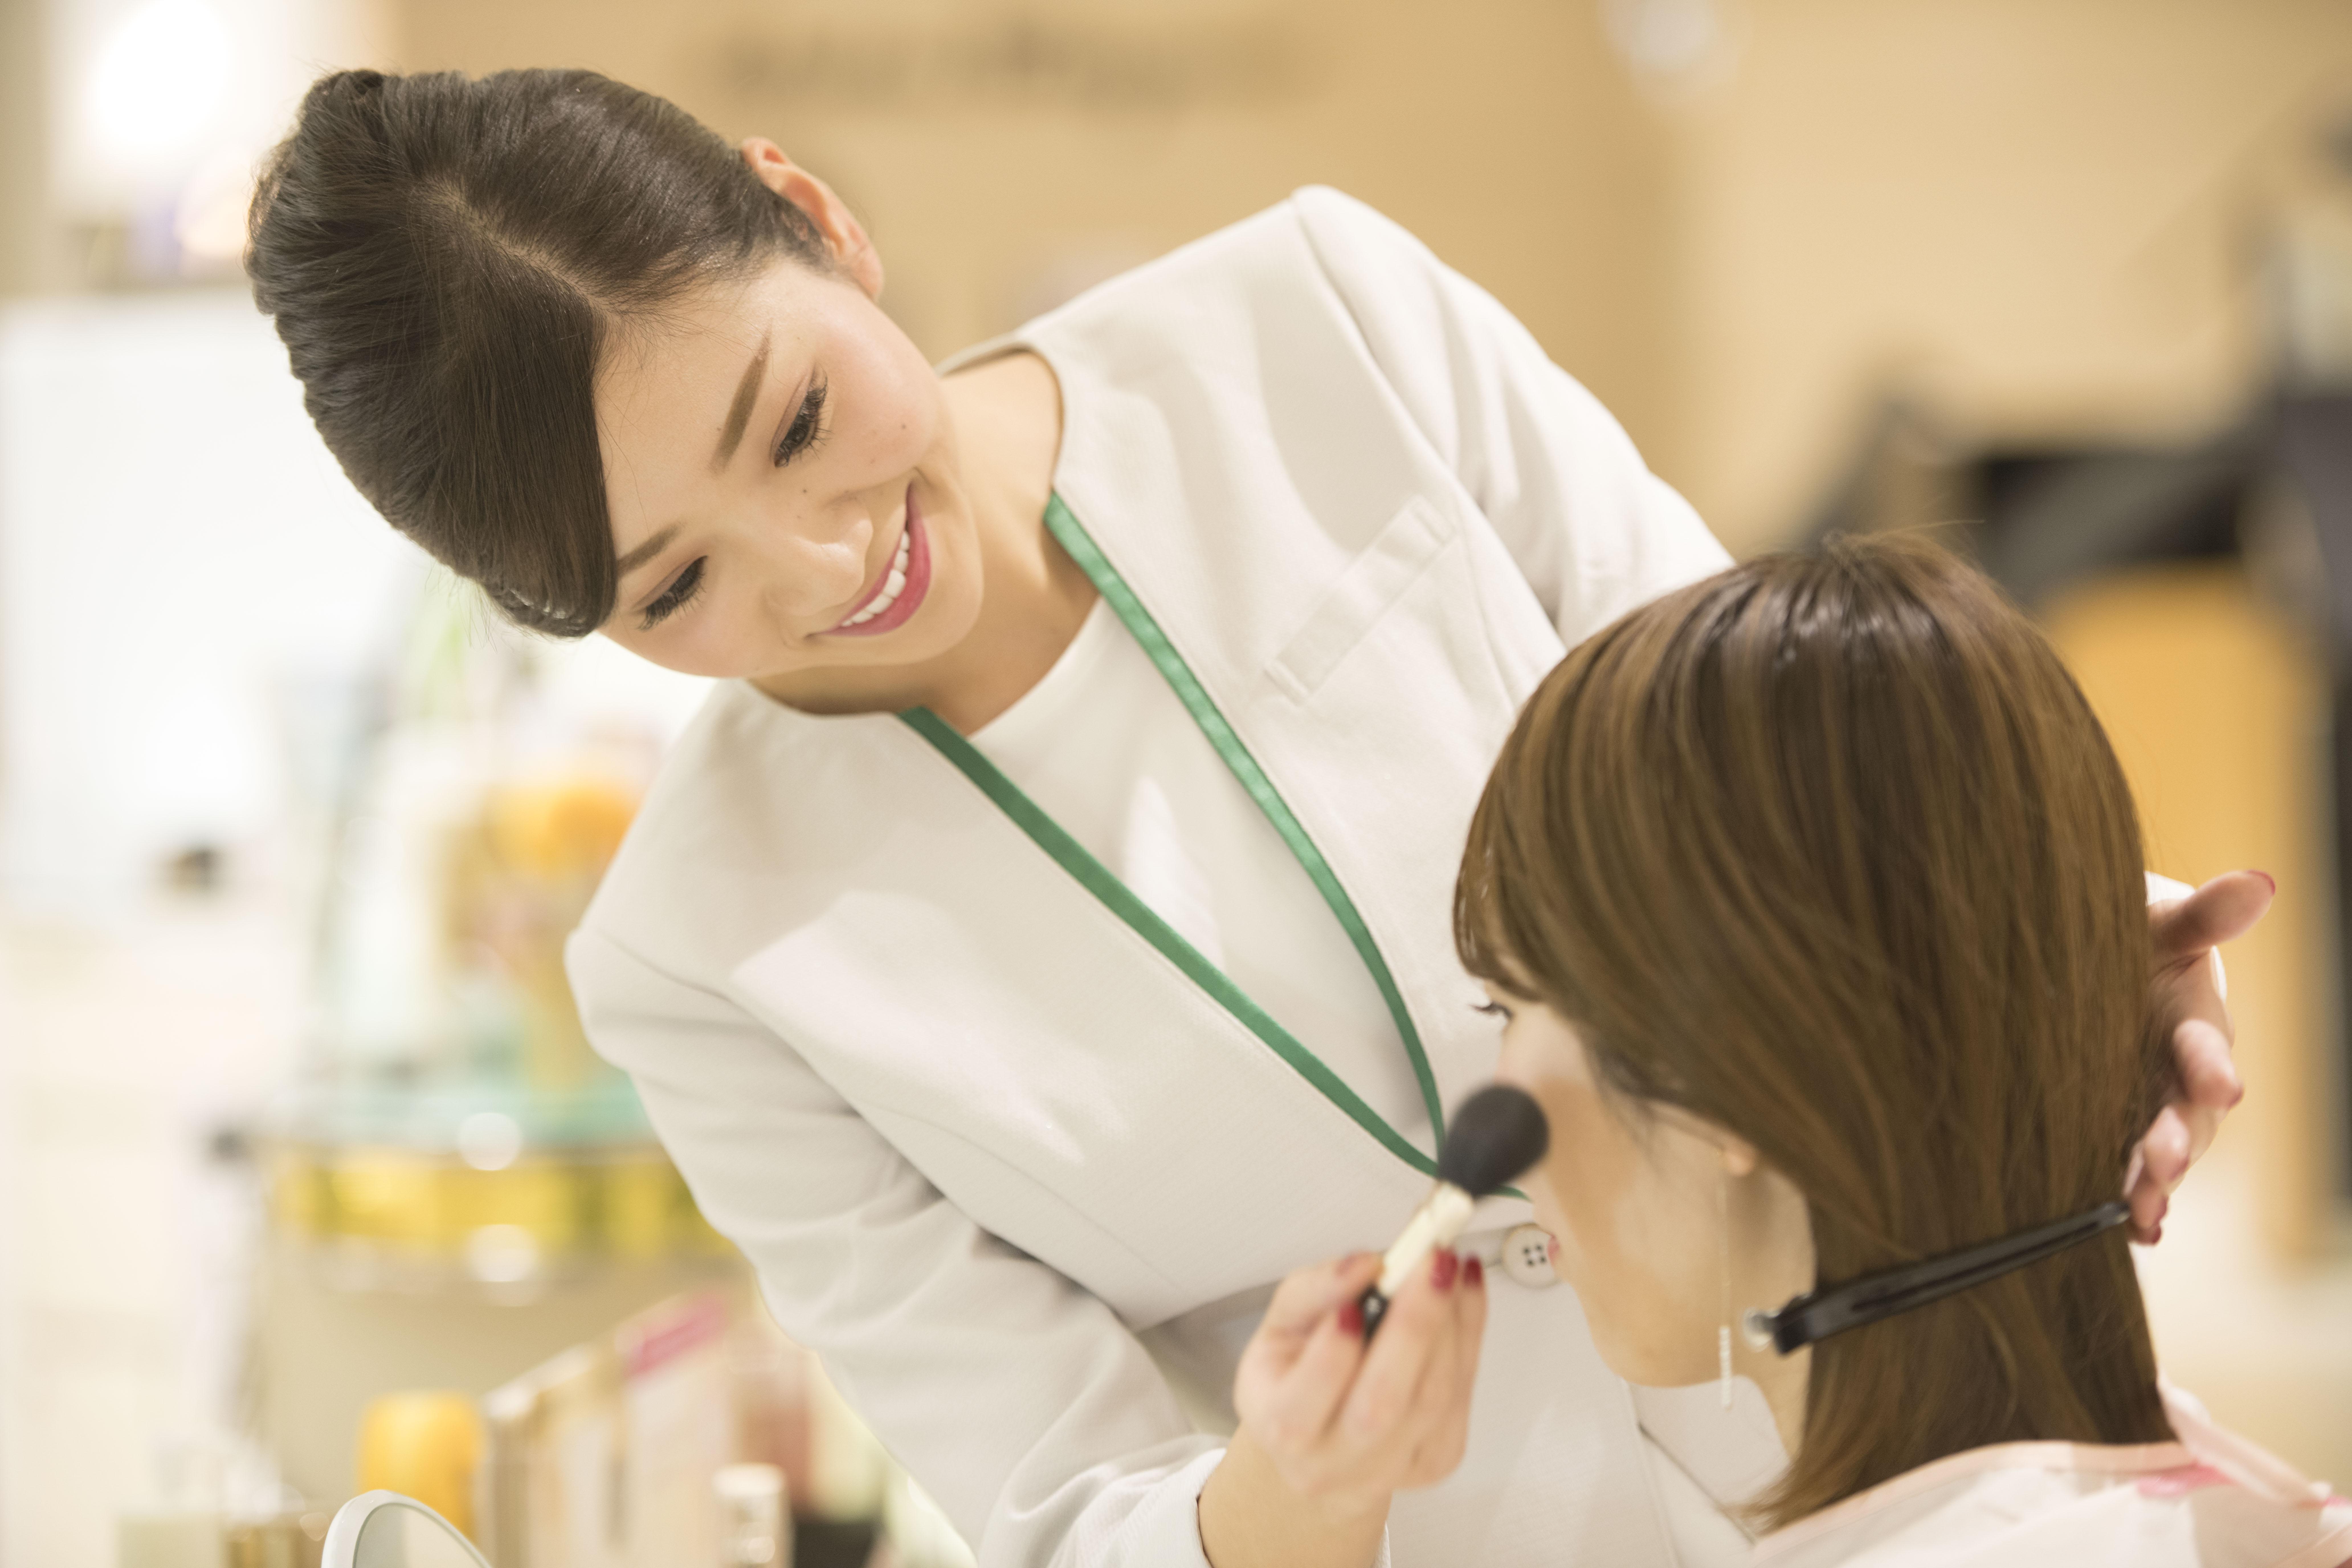 カバーマークへの転職!カバーマーク株式会社求人募集(化粧品販売・美容部員求人)の画像